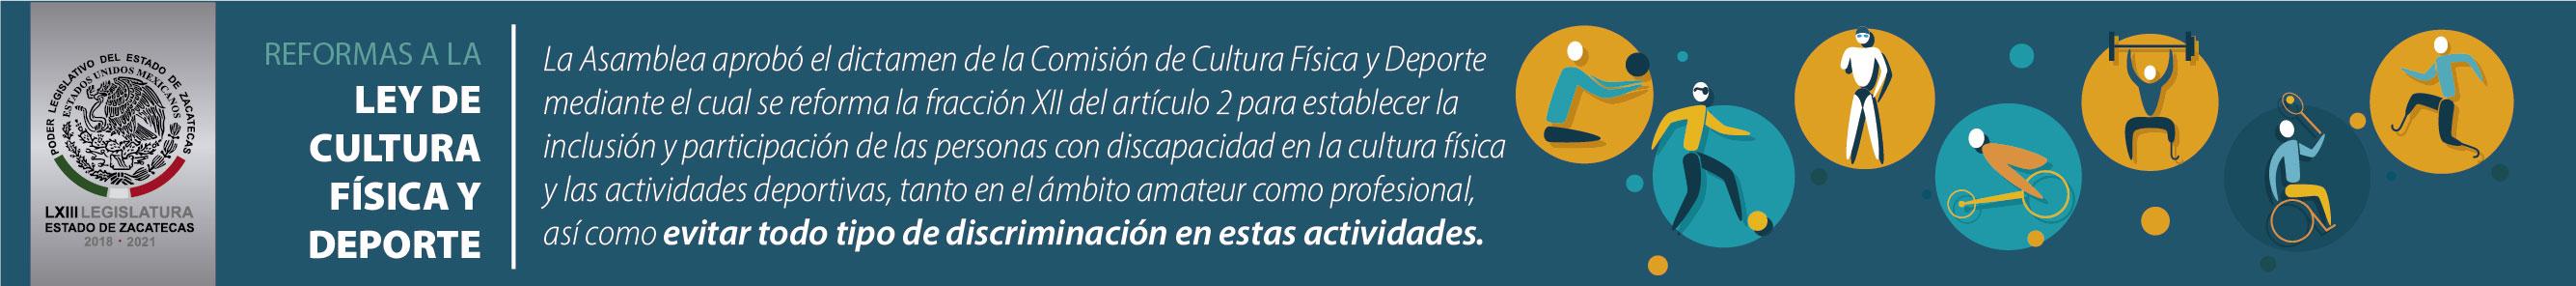 http://www.congresozac.gob.mx/63/inicio